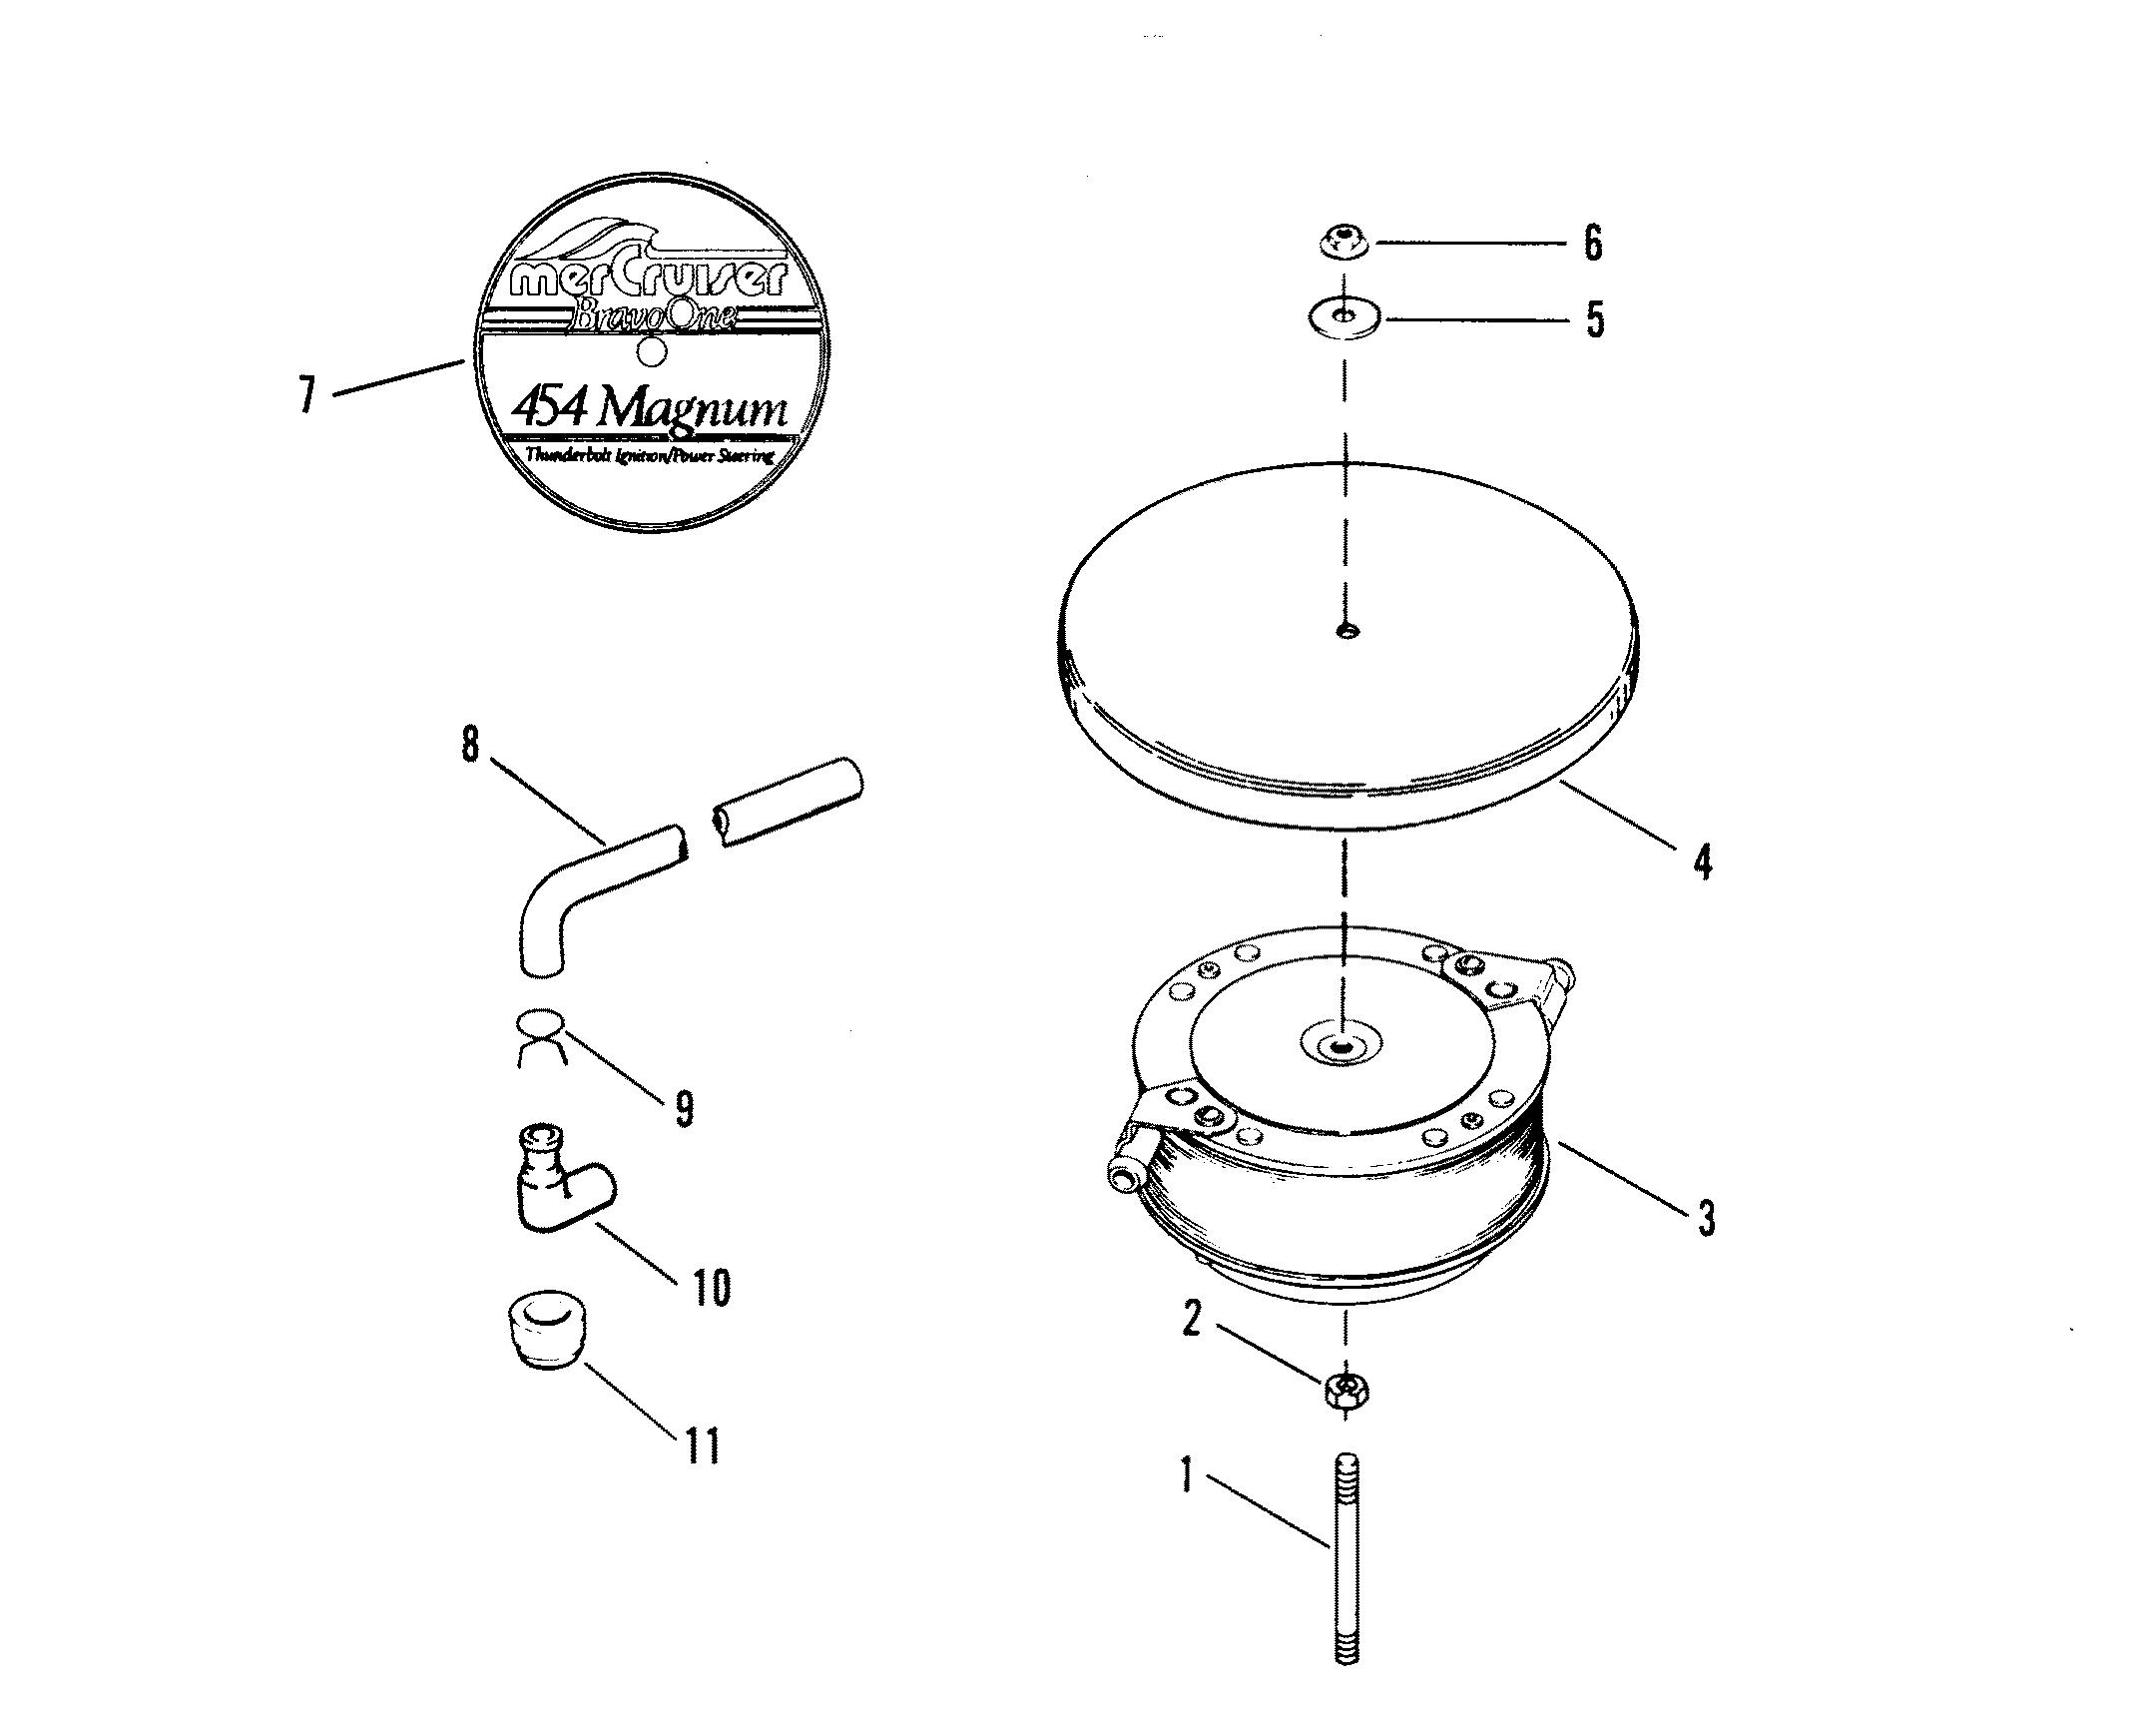 FLAME ARRESTOR OLD DESIGN FOR MERCRUISER 454 MAGNUM BRAVO